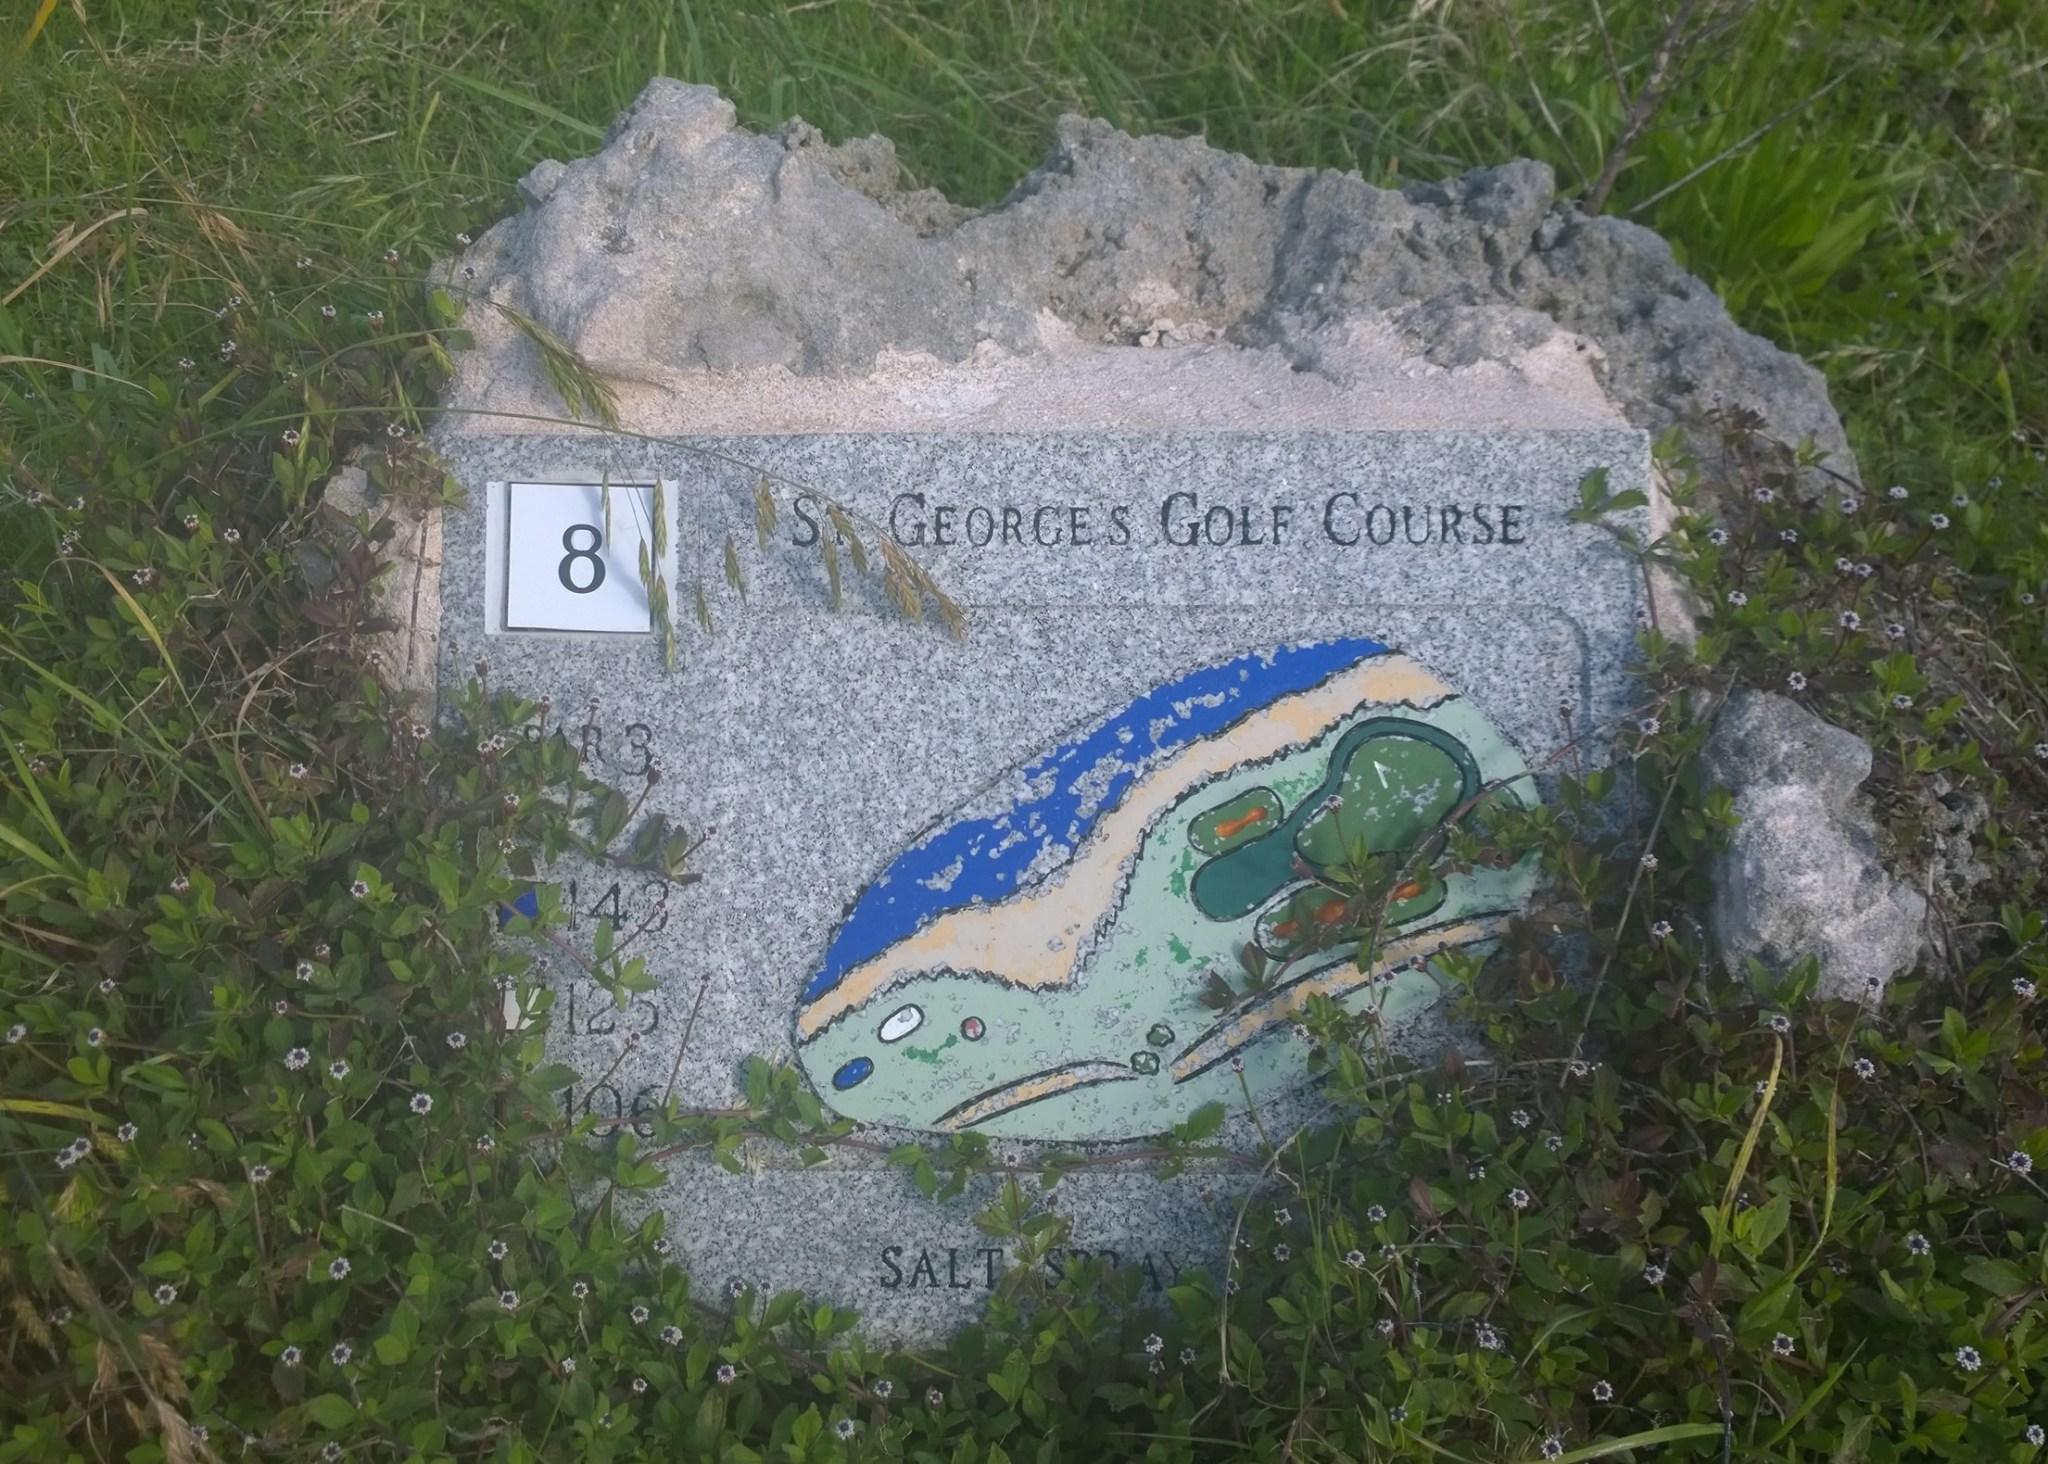 St George'sin ympärillä on hylätty golf-rata, jota on ylläpidetty puistona. Aikaisemmin golfautoille tarkoitetut asfaltoidut reitit sopivat täydellisesti lenkkeilyyn. Välillä löytyi muistoja vanhasta kentästä, kuten tämä reiän 8 kartta.